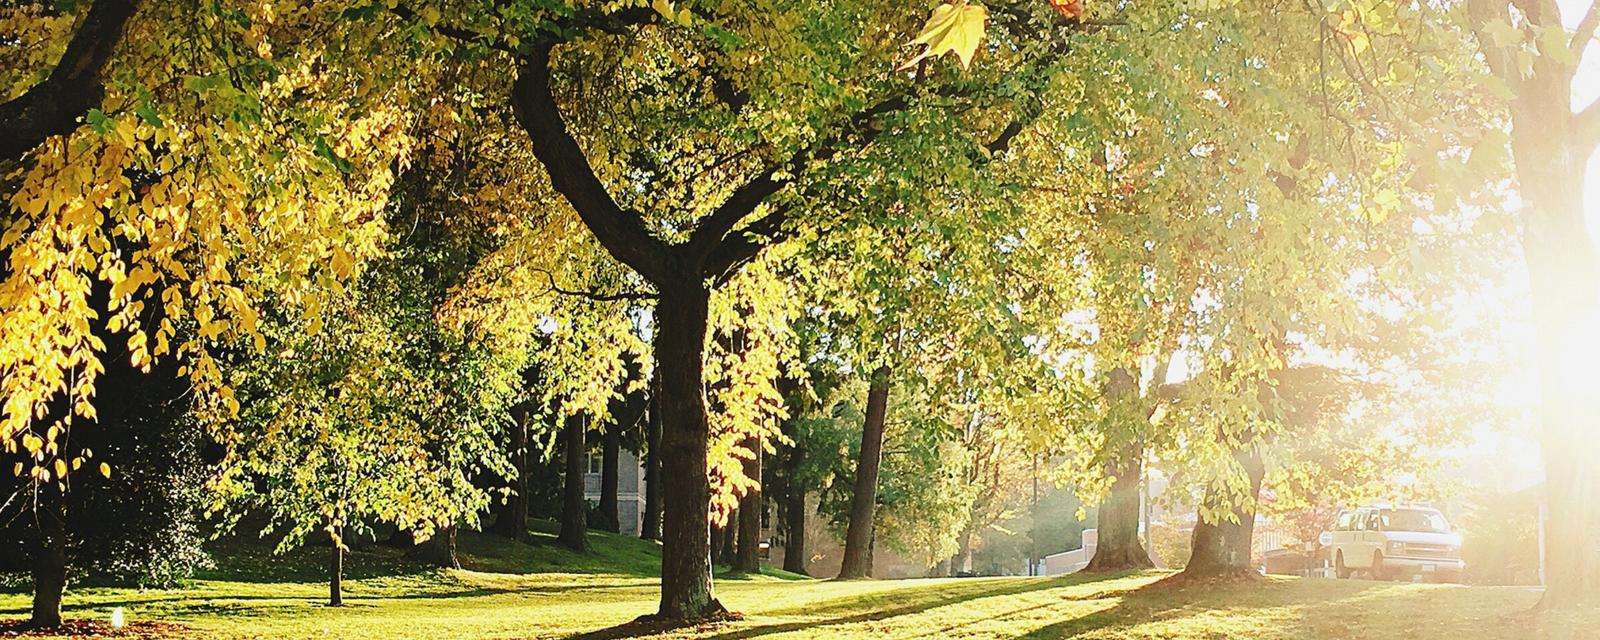 <h2>Groene Ruimte</h2><div>We willen de groene ruimte terug naar de centra van onze drie deelgemeenten brengen. Het doel is om in elke wijk een park te realiseren zodat elk kind kan opgroeien met de natuur om de hoek.</div>